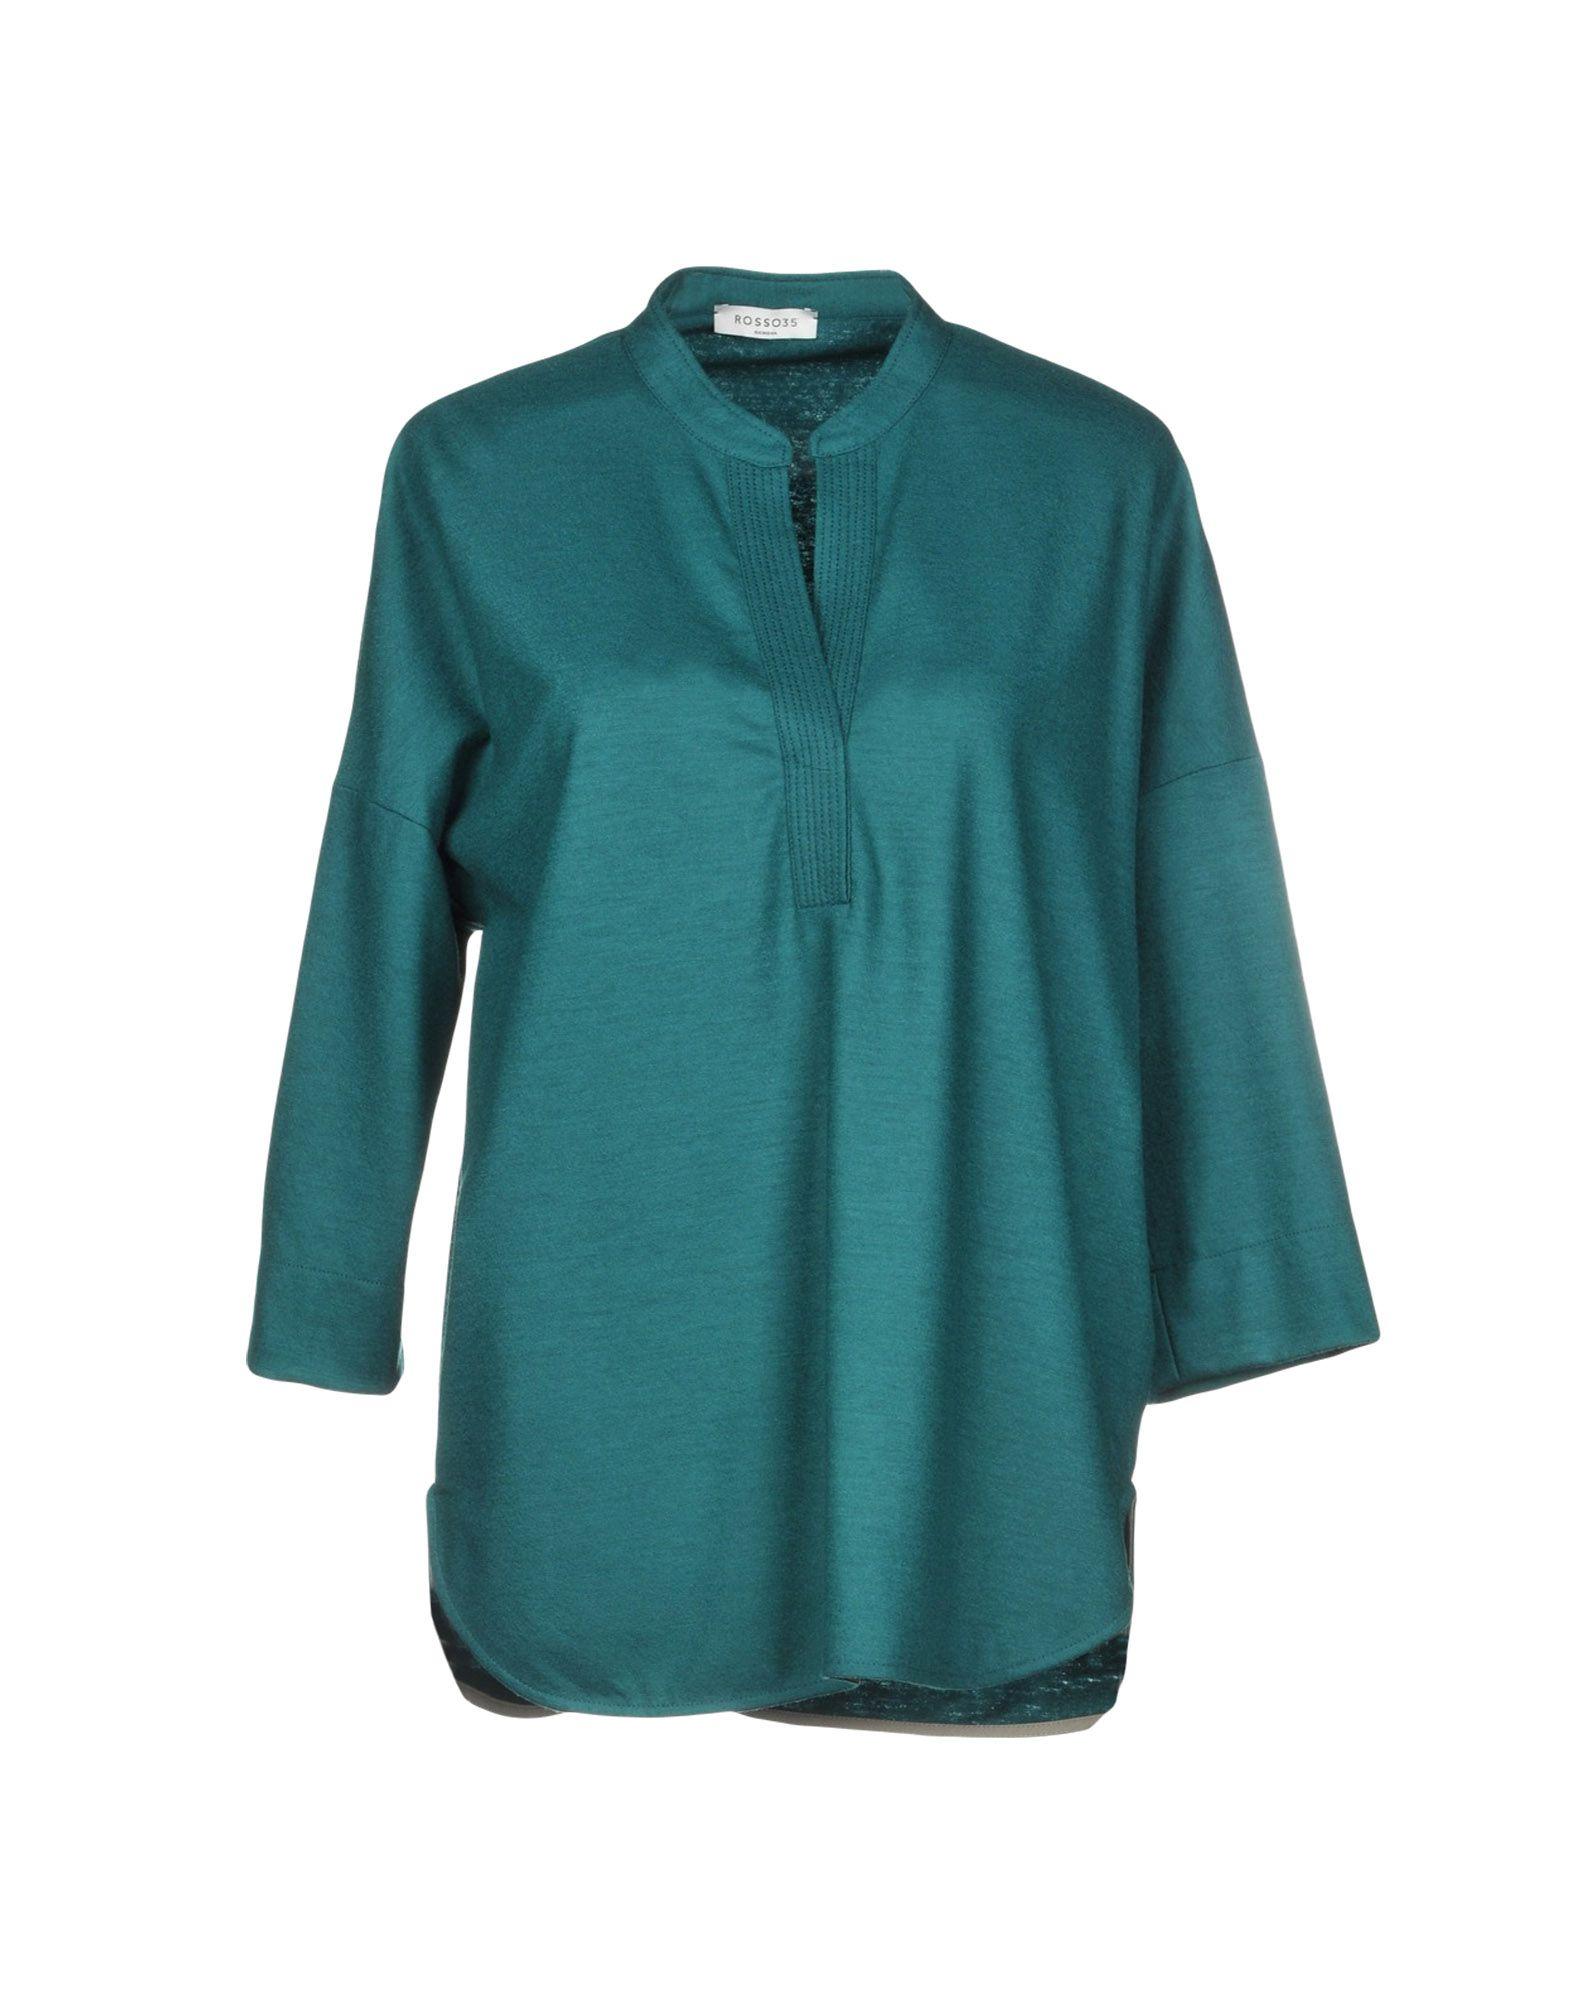 ROSSO35 Блузка rosso35 блуза rosso35 s2047b 44 бежевый